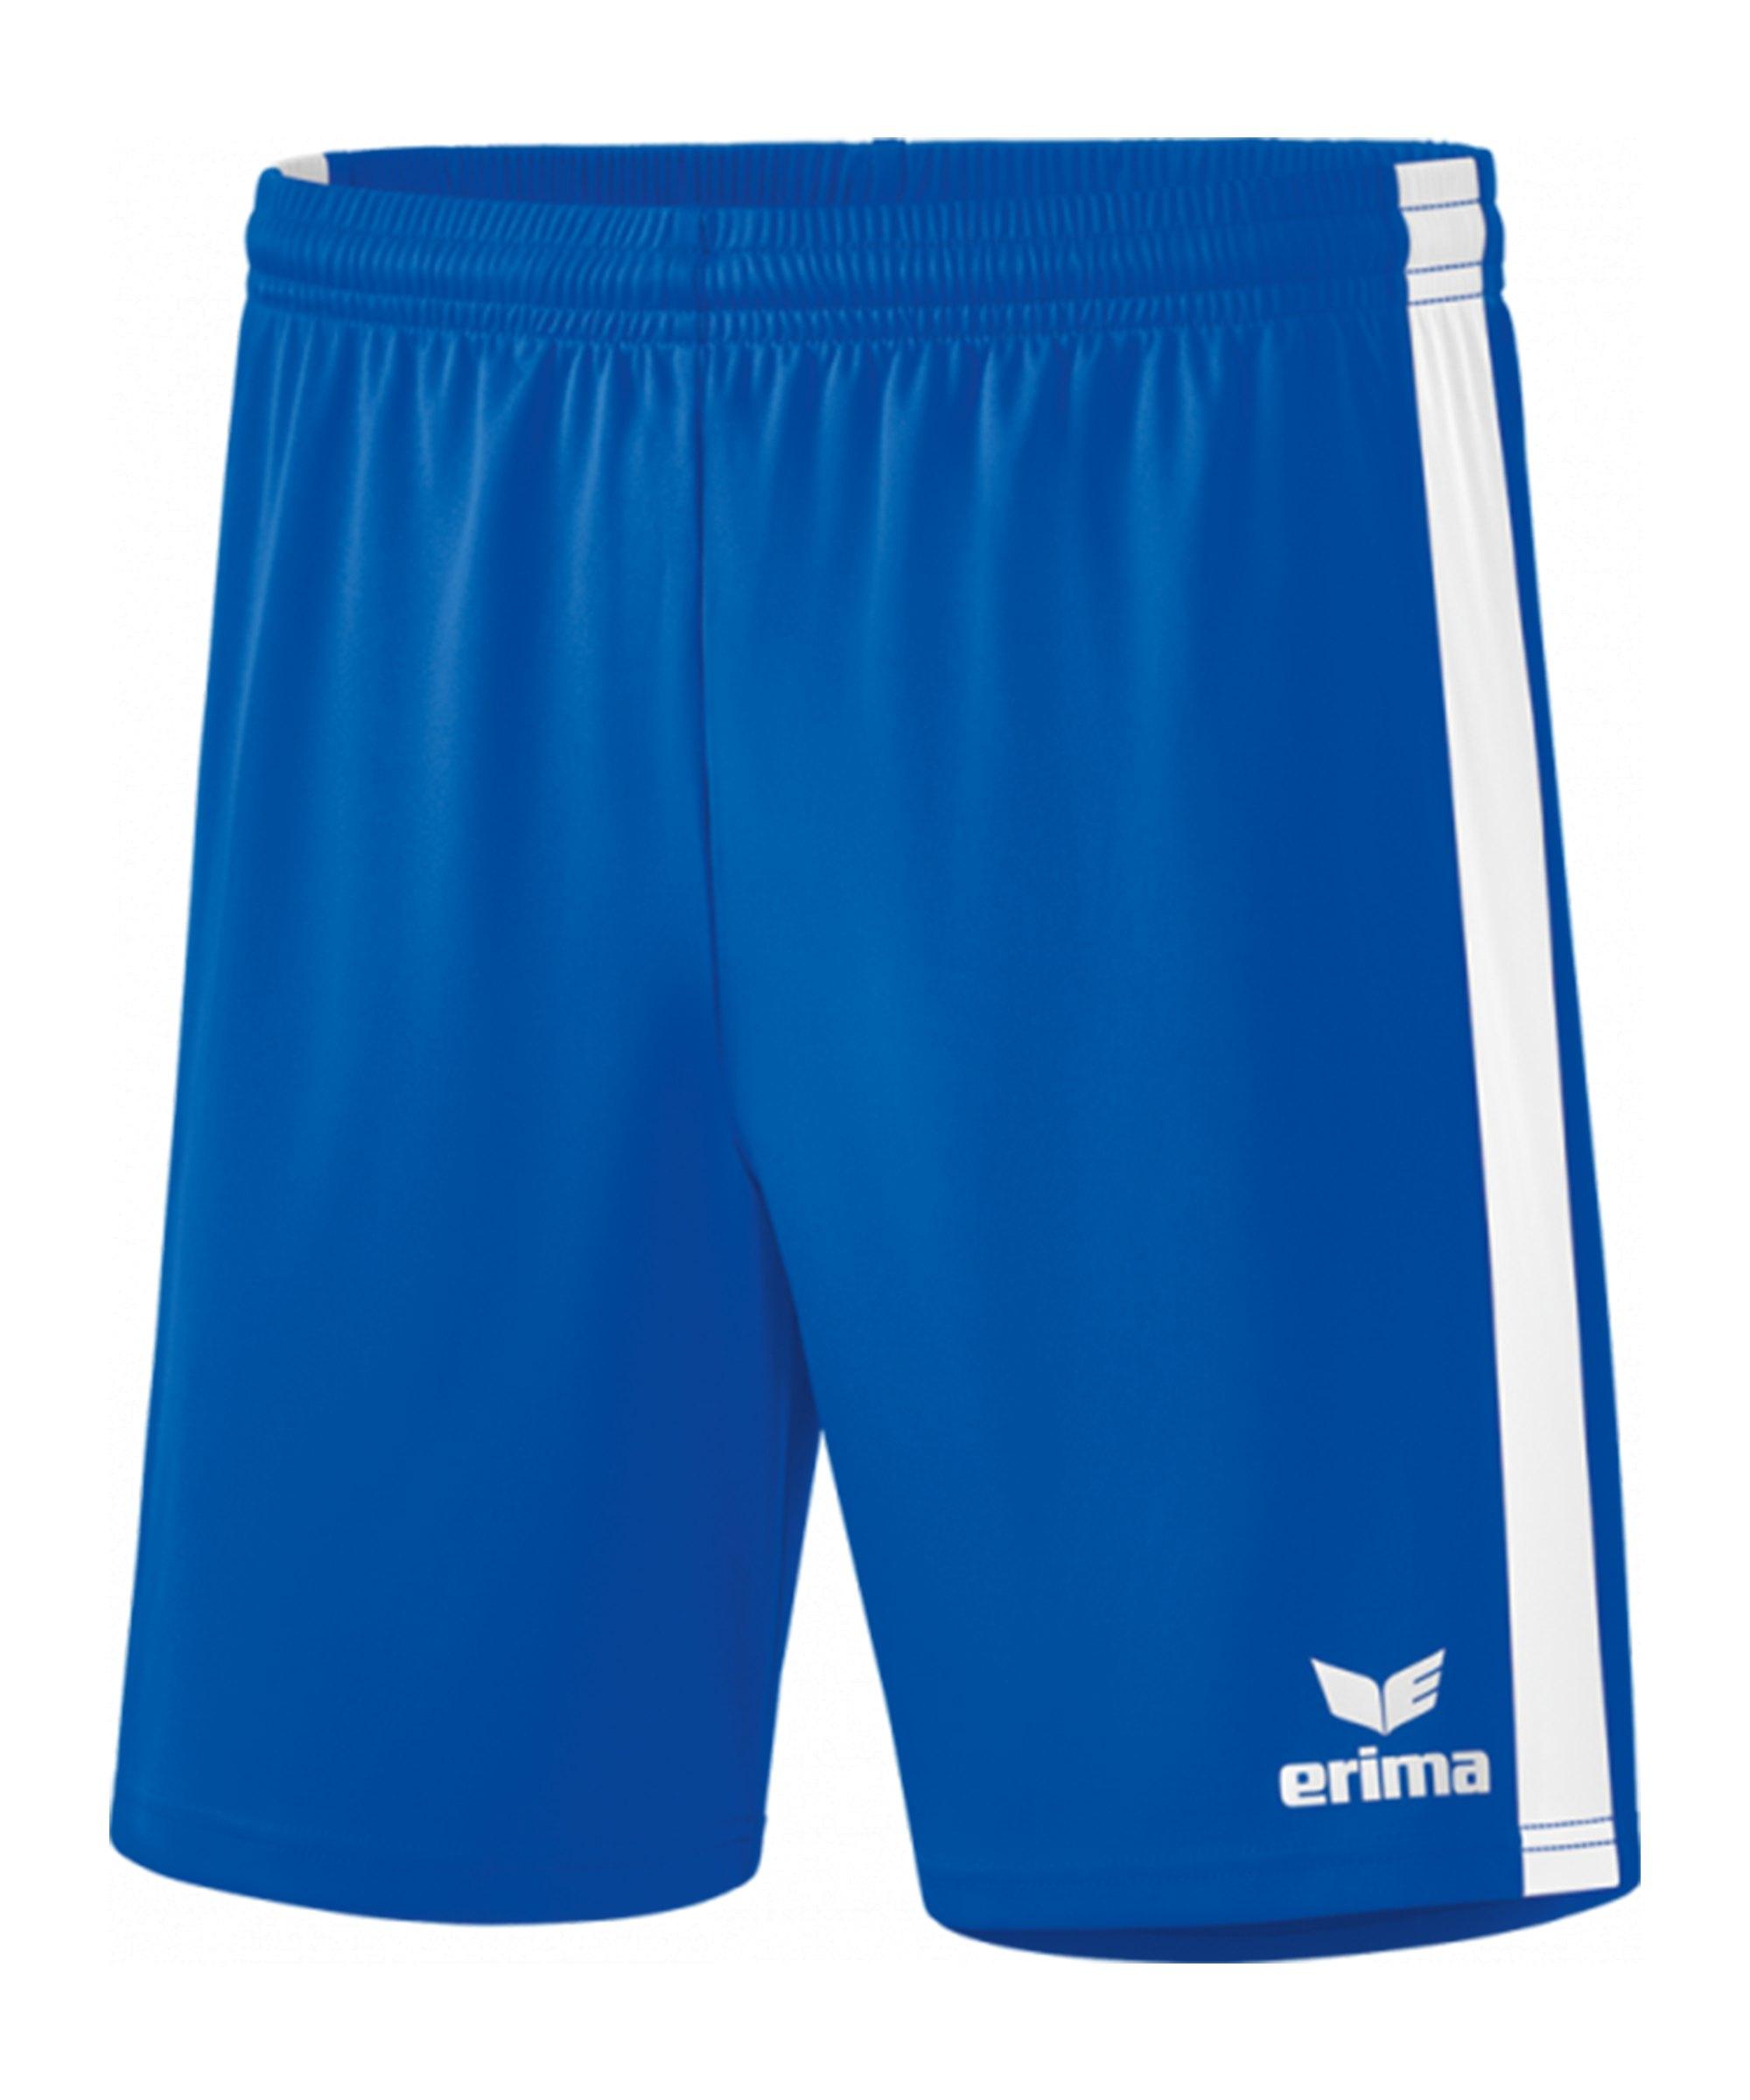 Erima Retro Star Short Hellblau Weiss - blau